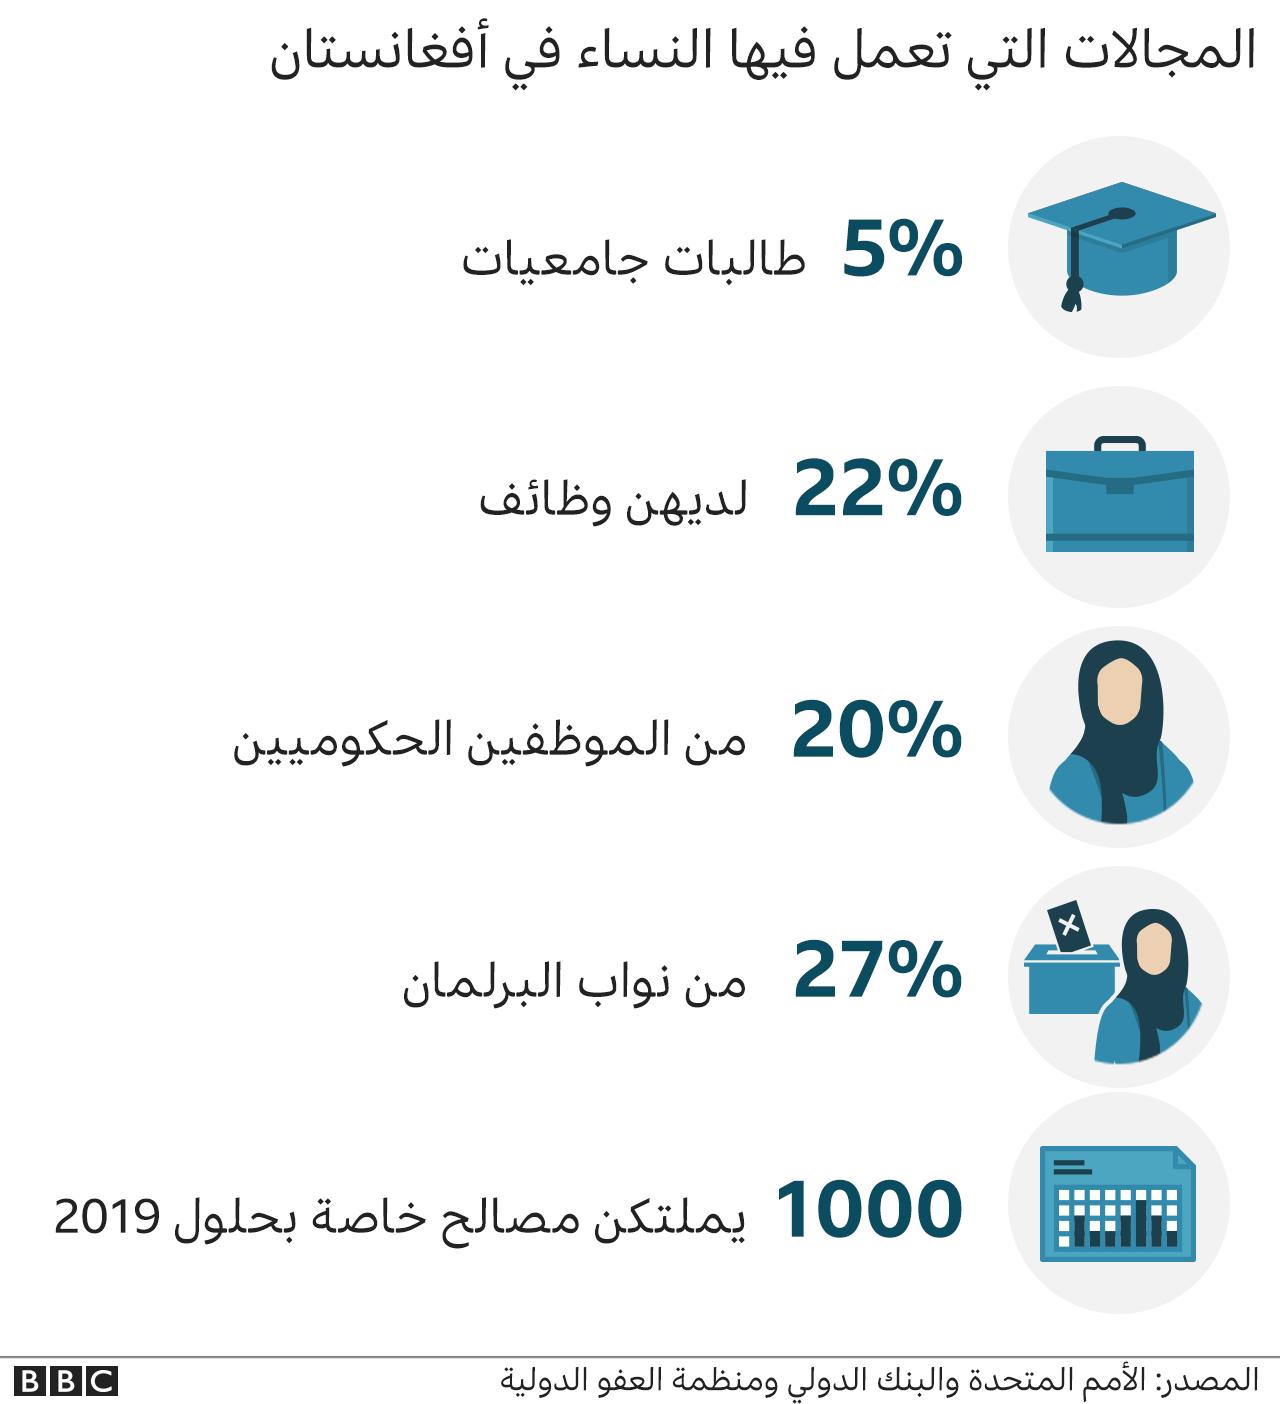 المجالات التي تعمل فيها النساء في أفغانستان